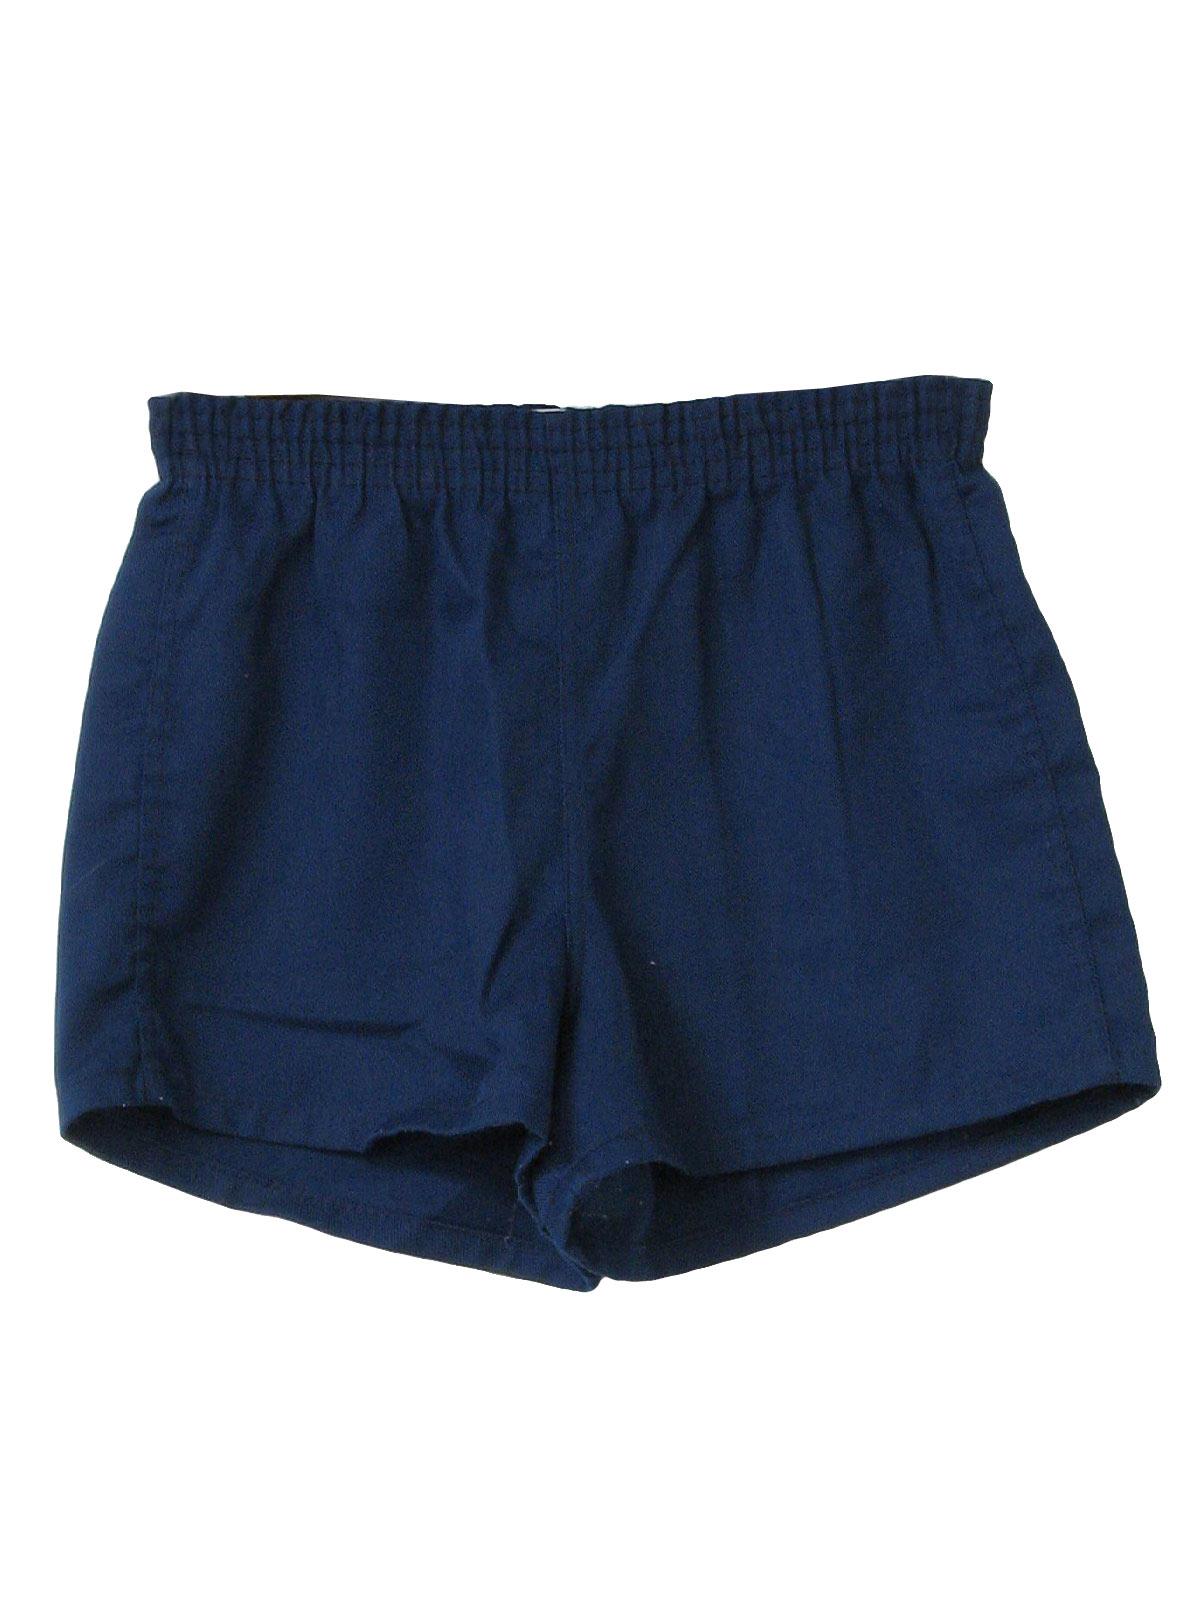 Ping-pong shorts